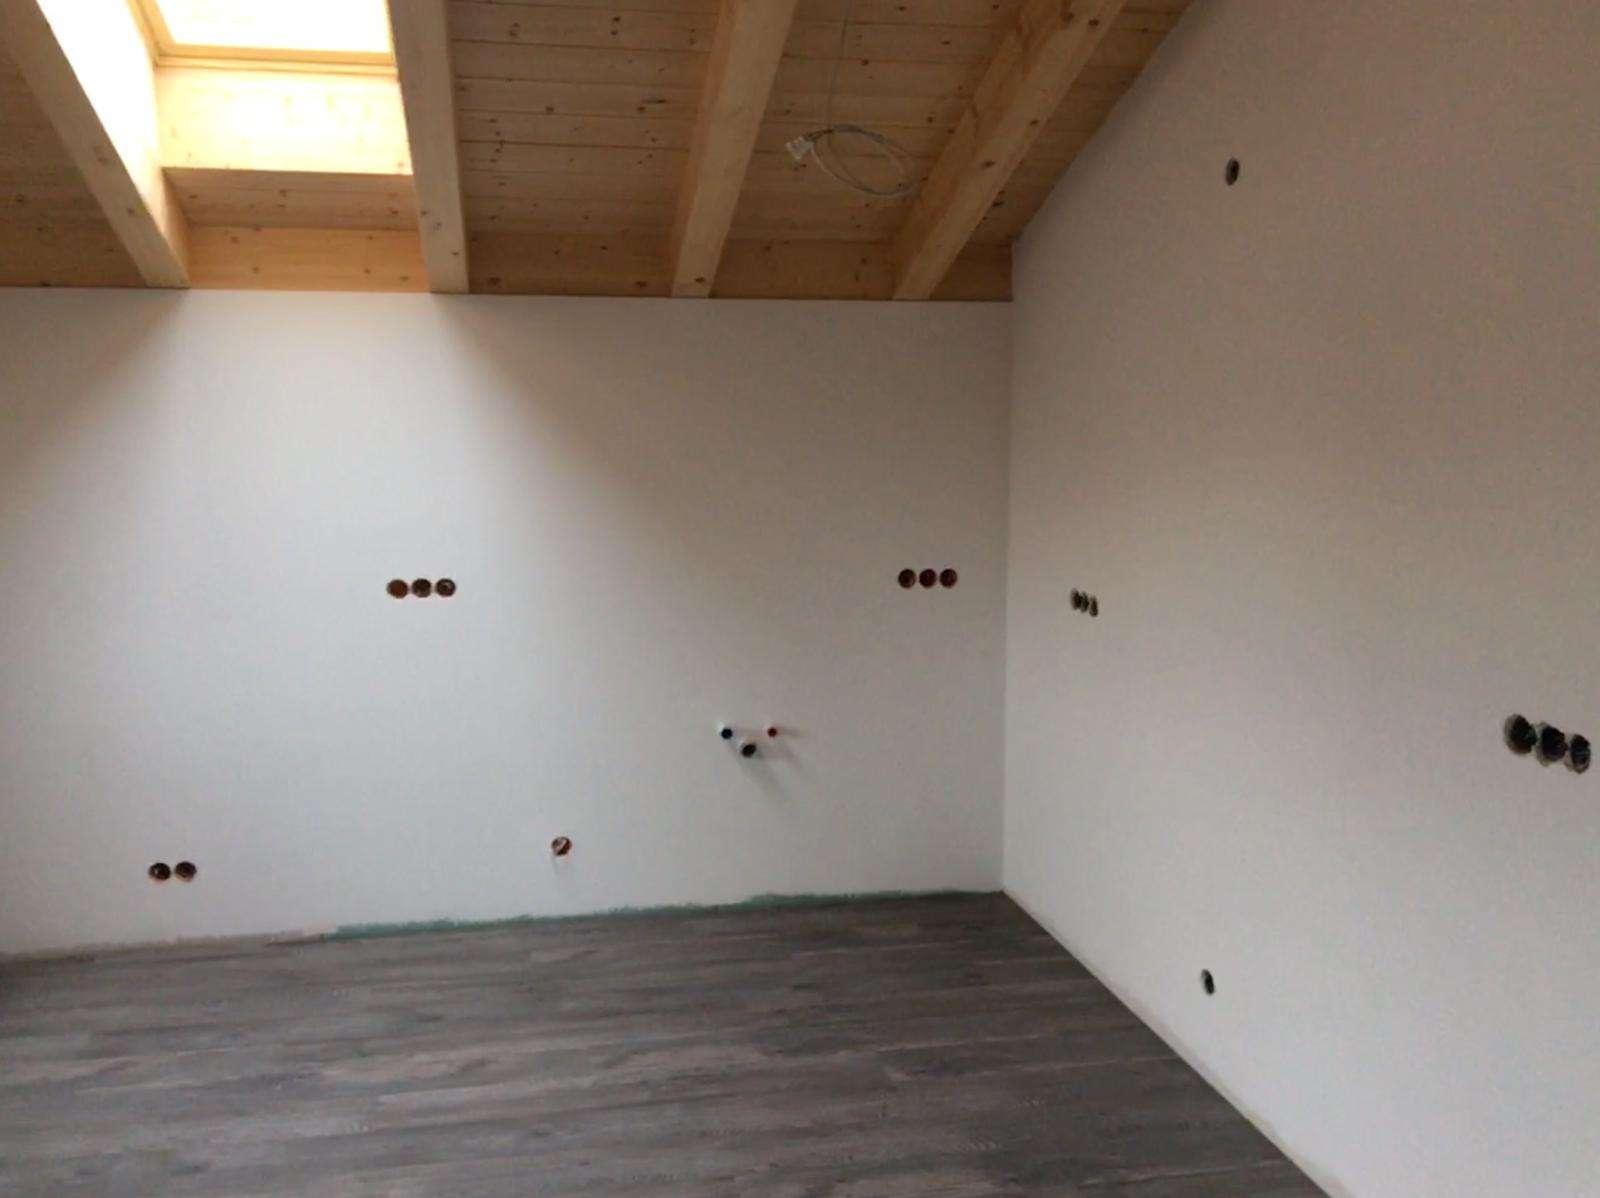 8 Zimmer Dachgeschosswohnung - Neubau/Anbau - Neu - absolut Zentrale Lage, dennoch Ruhig in Gmund am Tegernsee